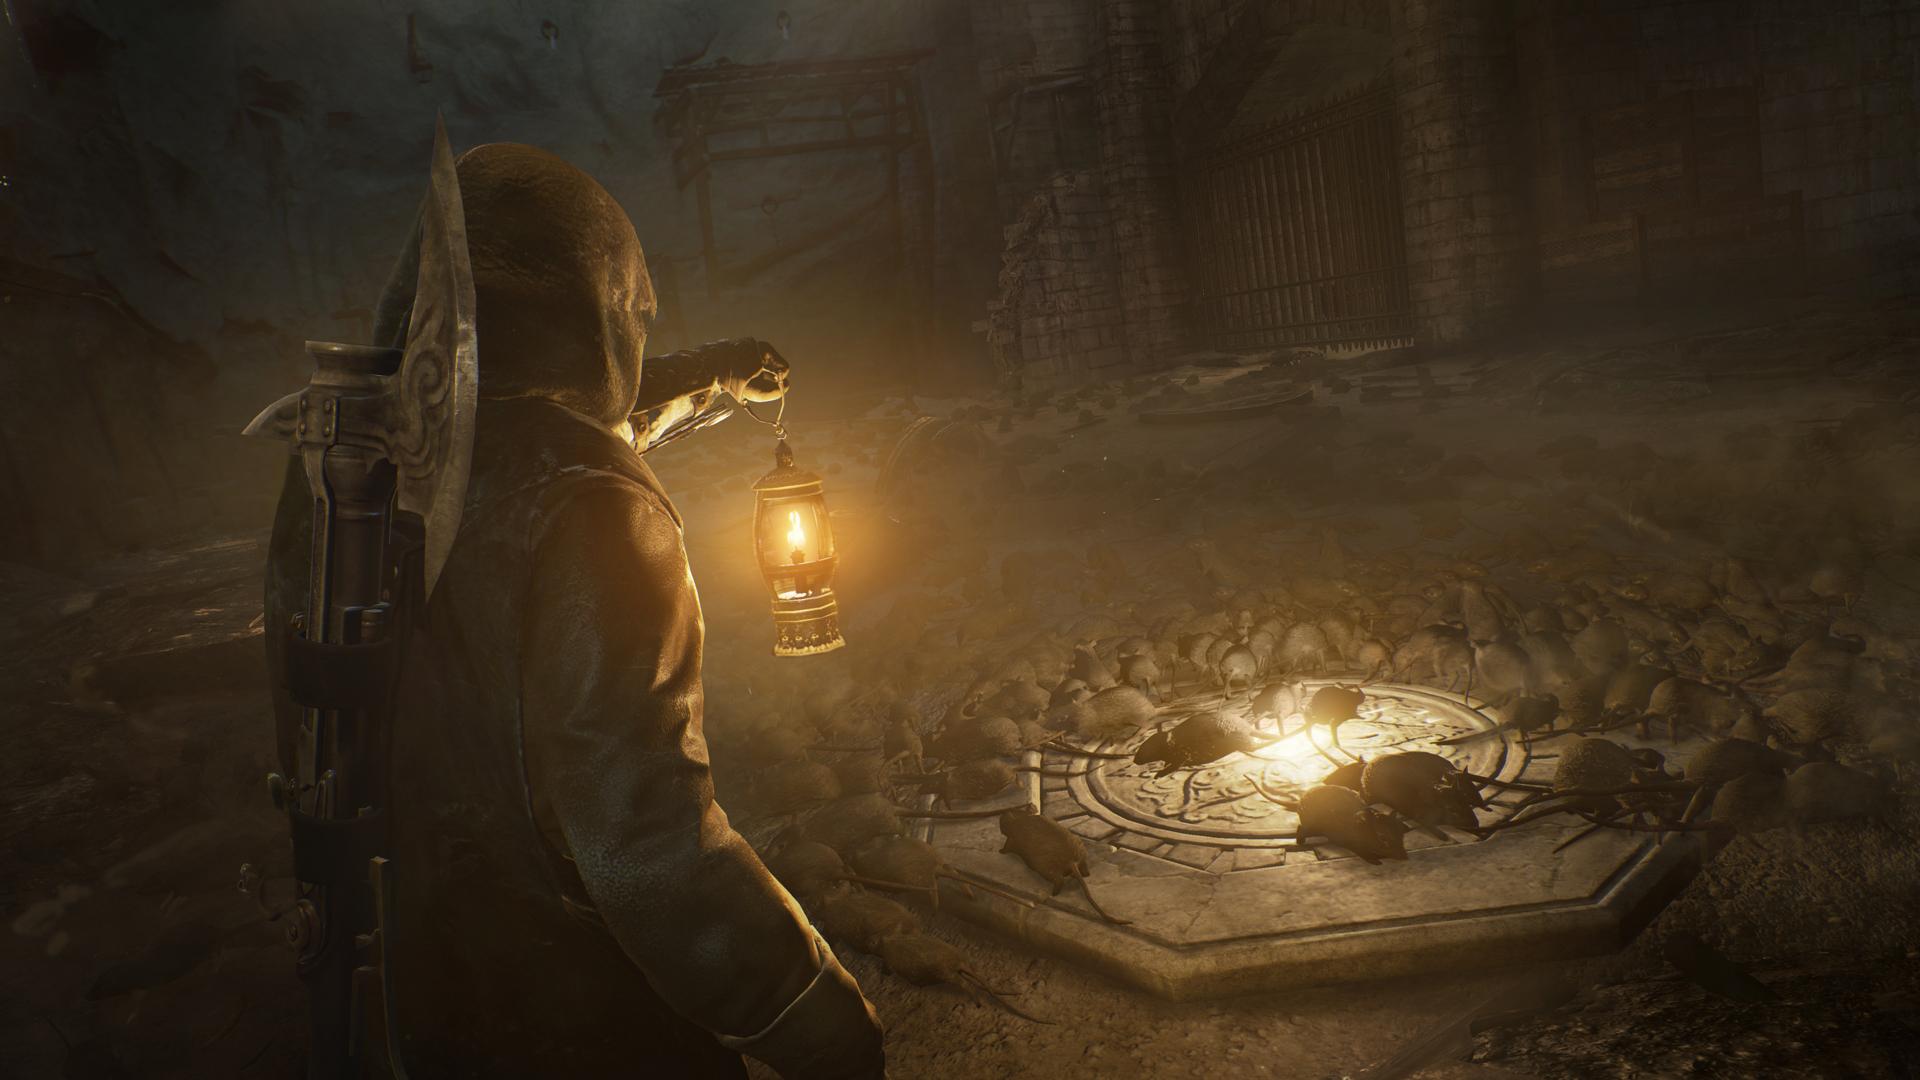 Vychází příběhové rozšíření Assassin's Creed: Unity 104248